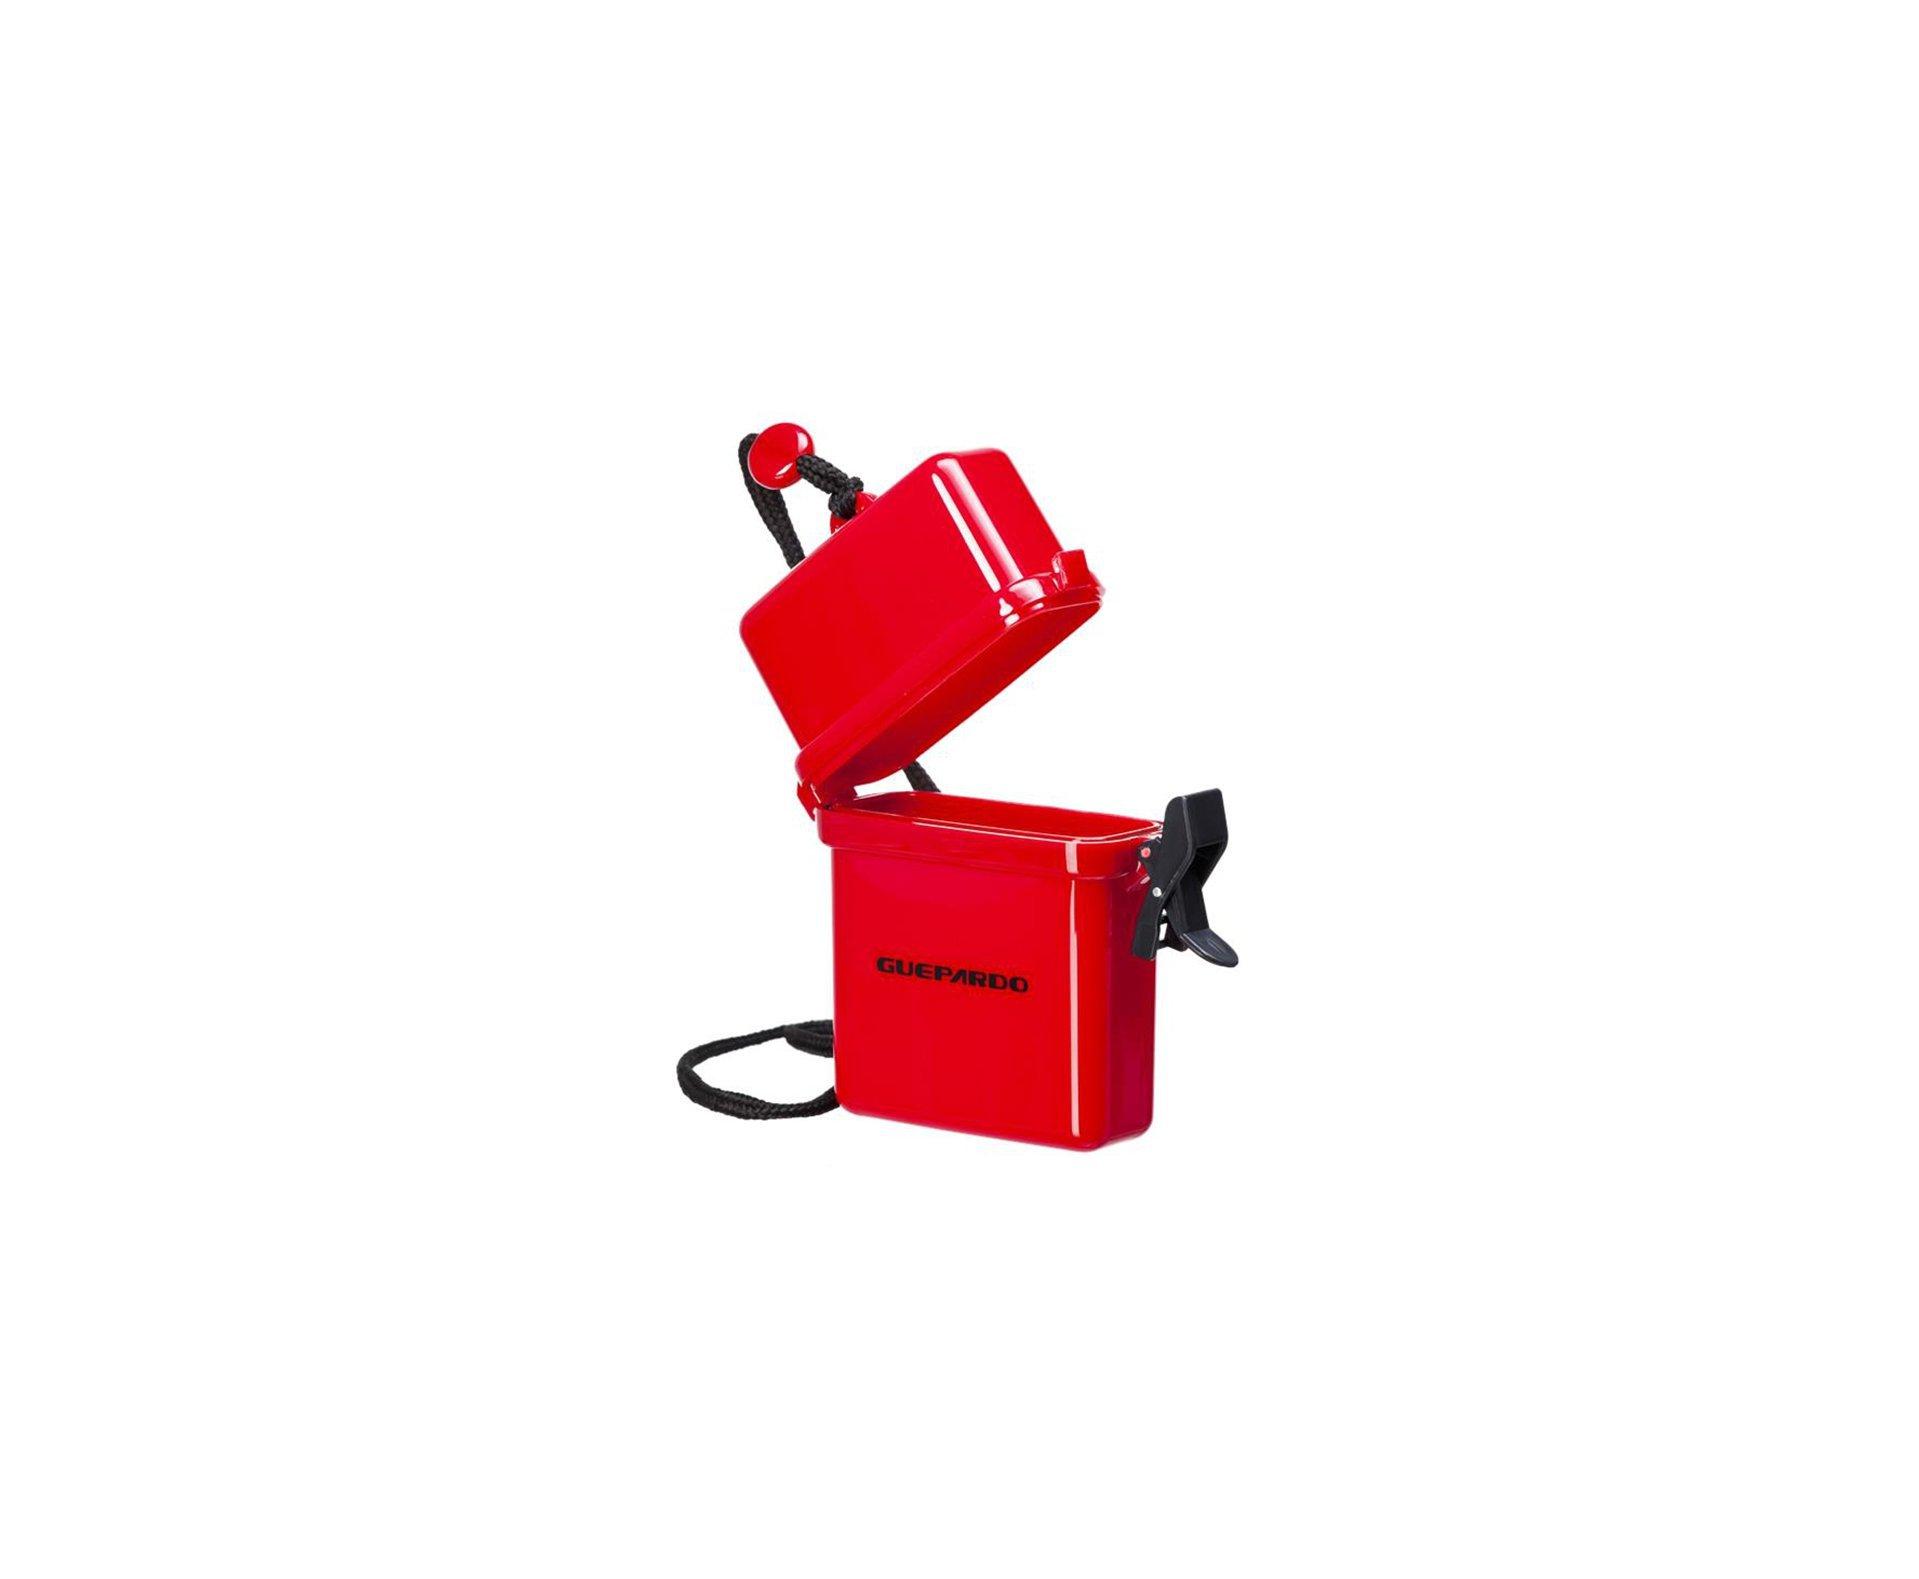 Porta Objetos Impermeável Retangular Sport Case 2 - Guepardo